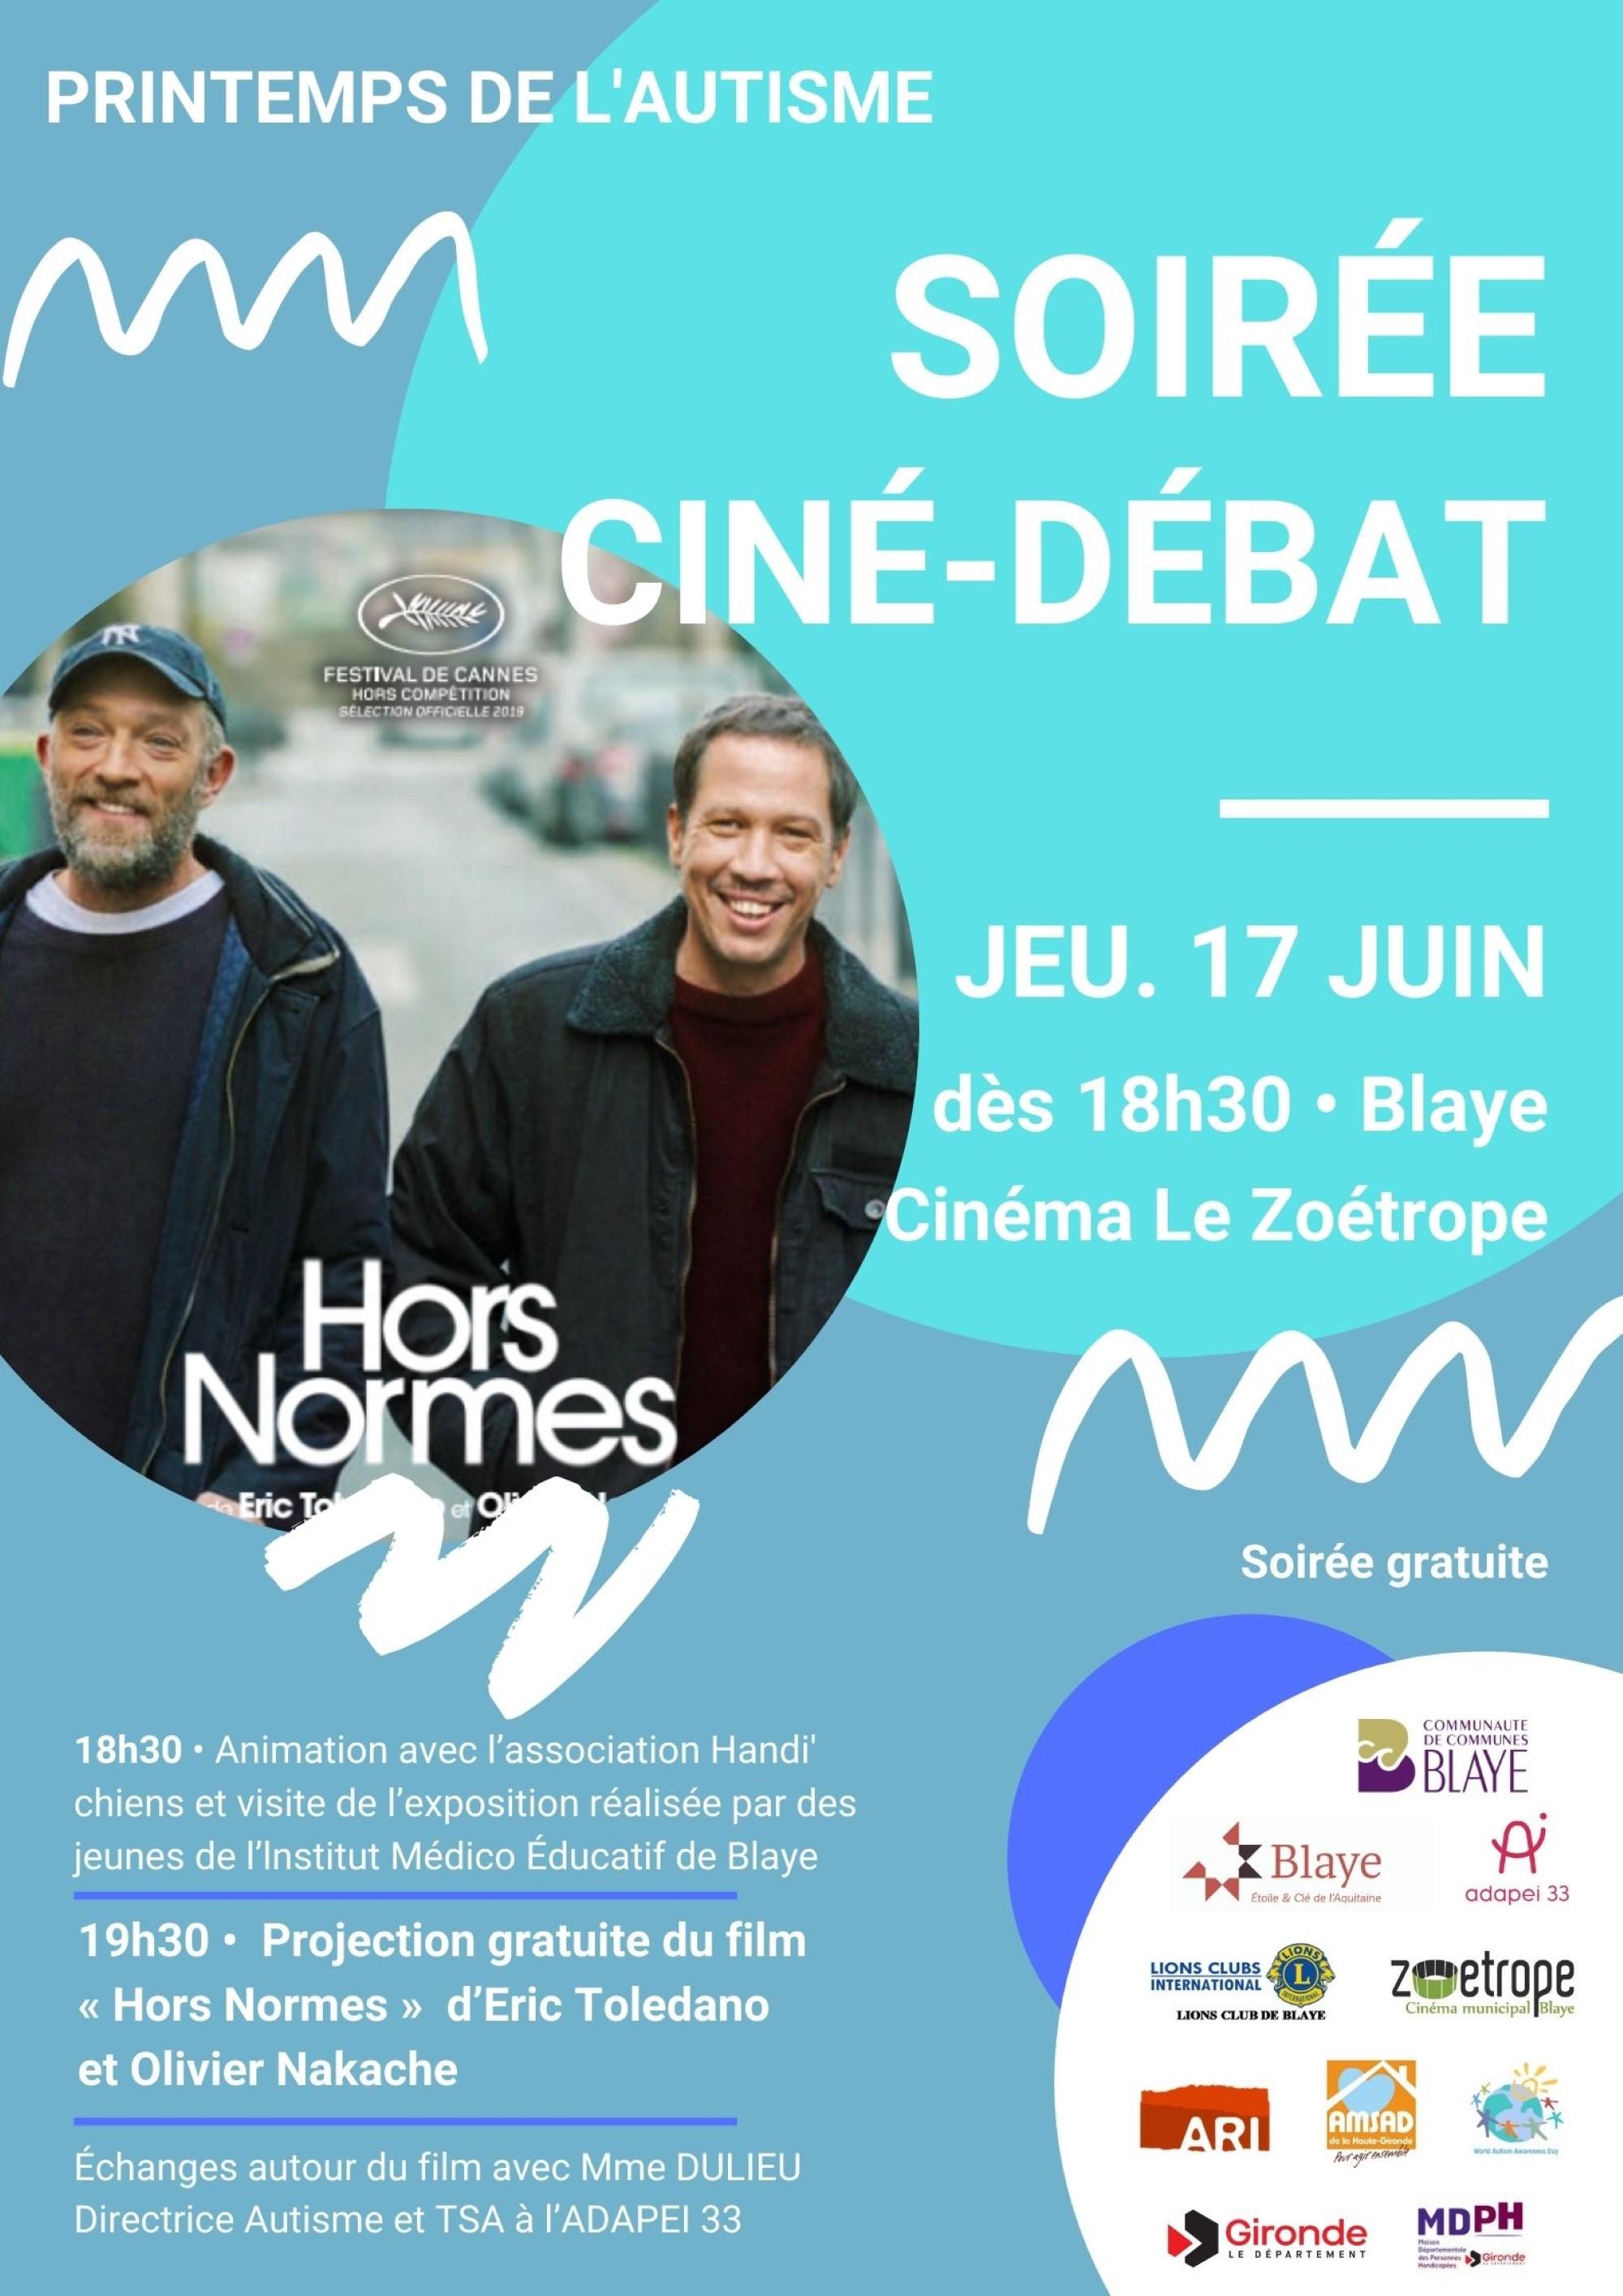 PRINTEMPS DE L'AUTISME – Ciné-débat – Notez la date !